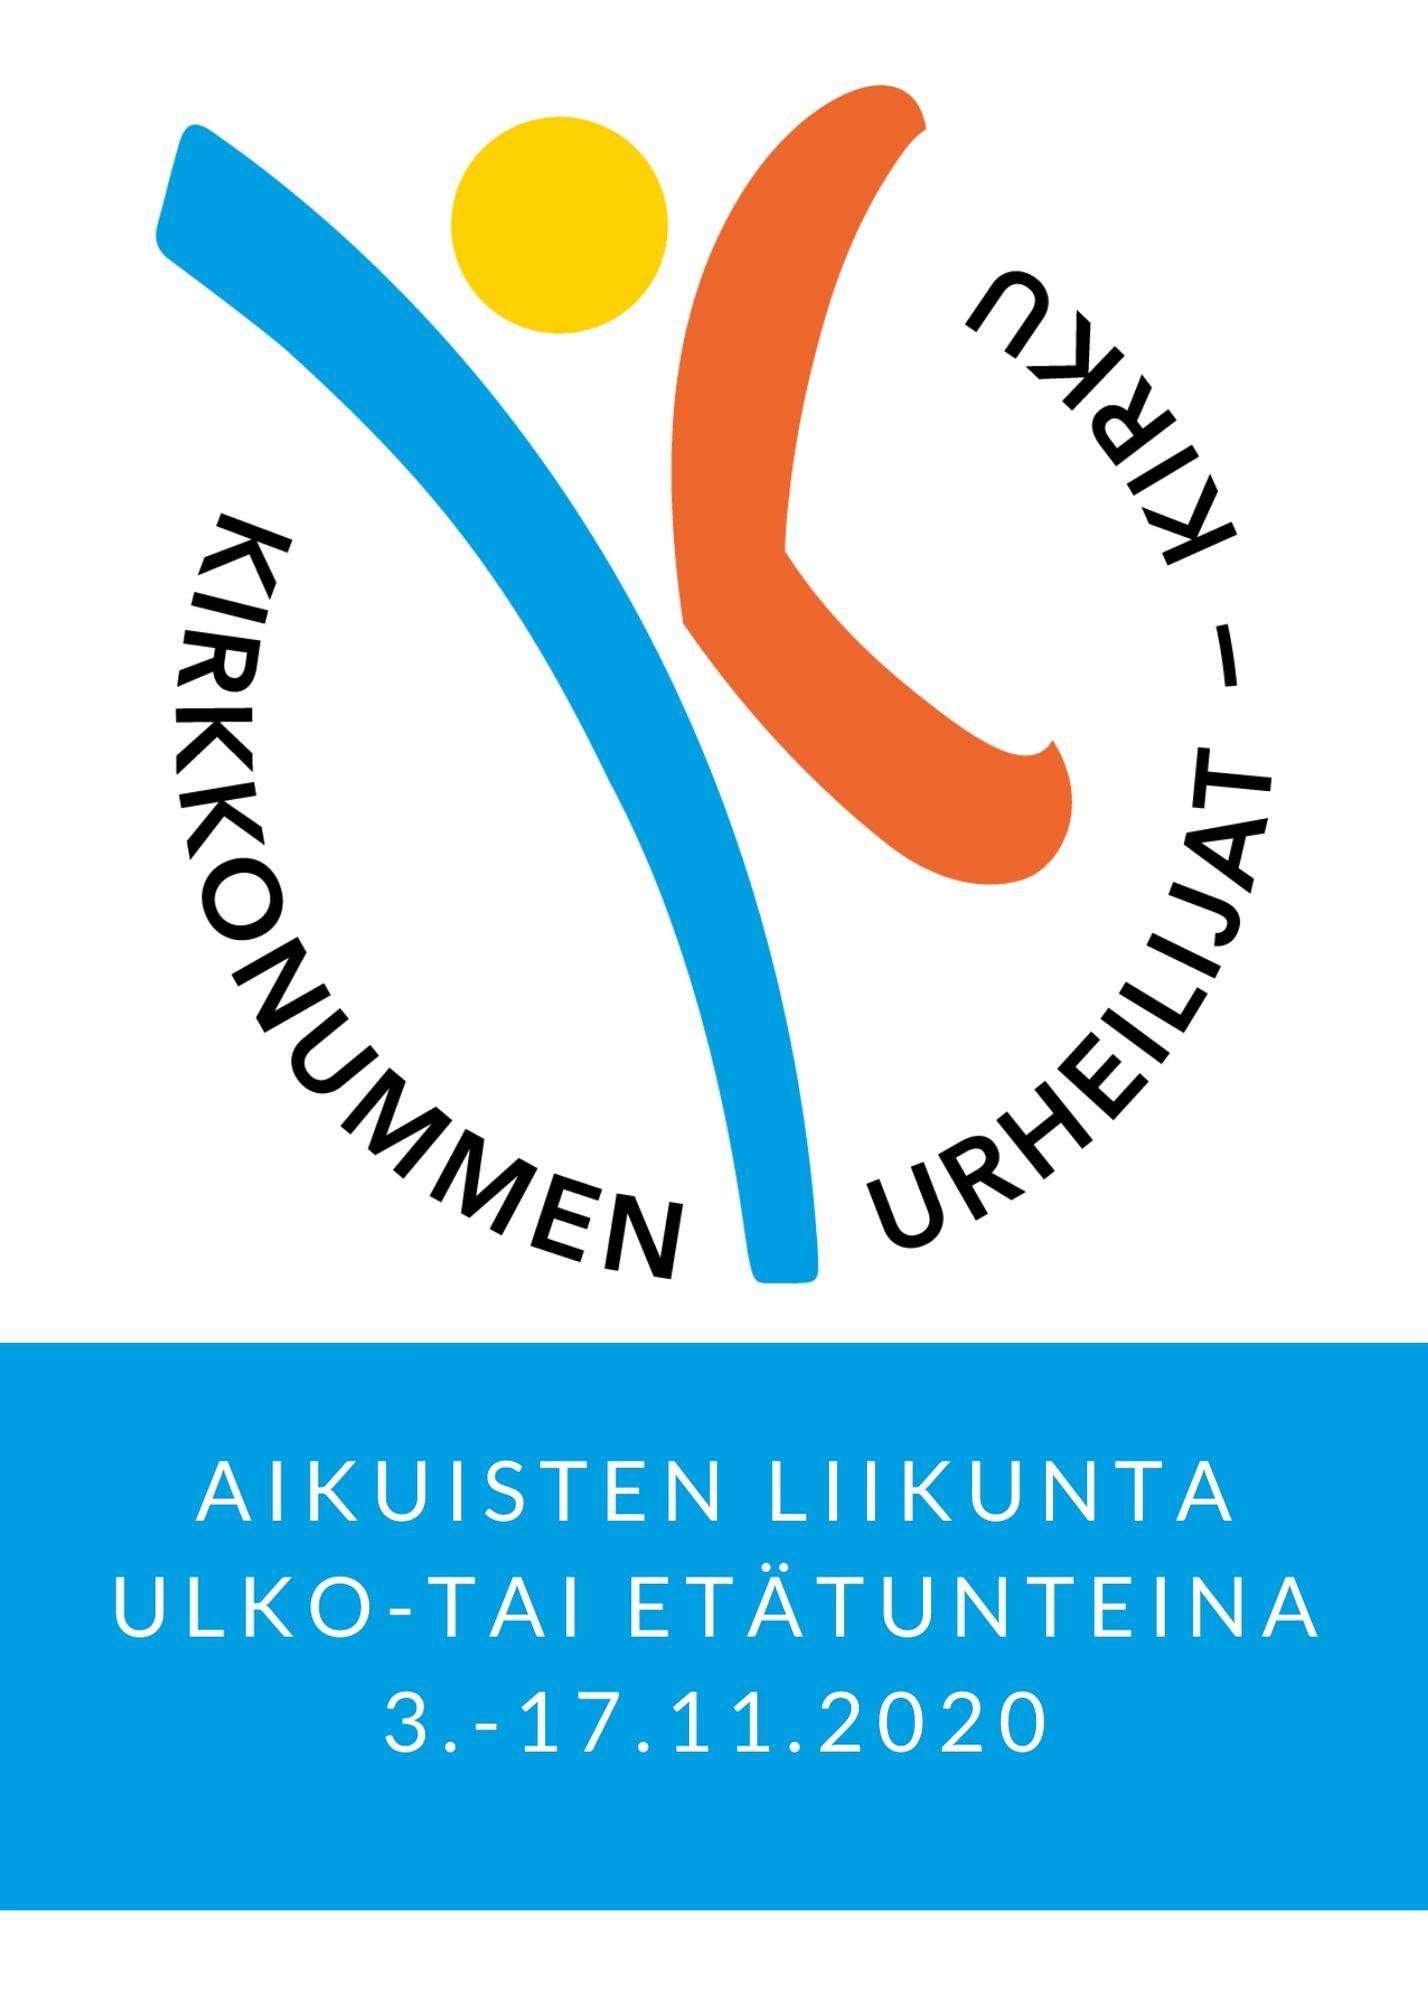 Aikuisten liikunnassa rajoituksia 3.–17.11.2020